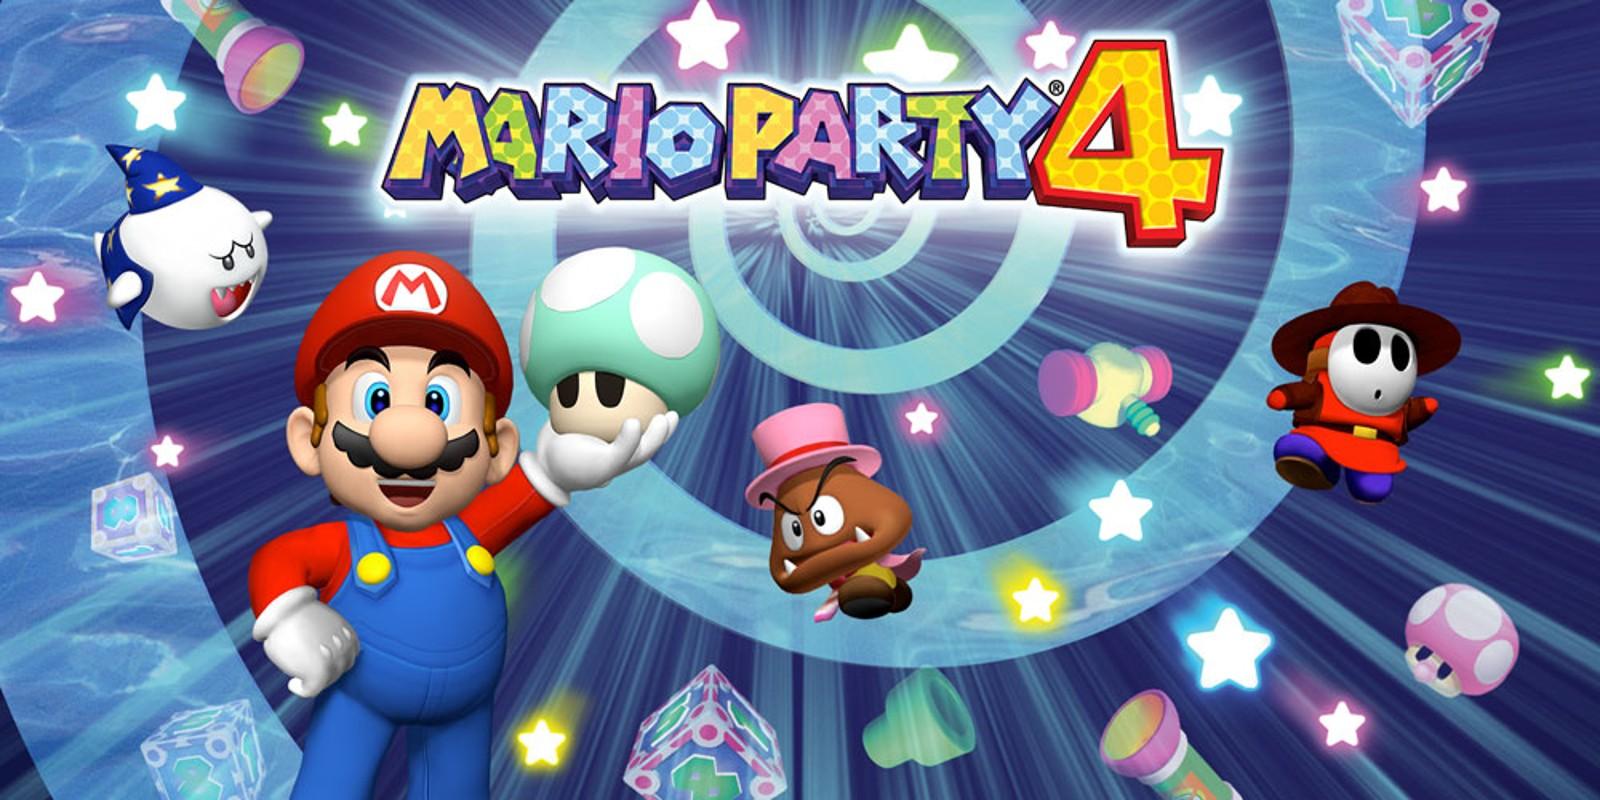 Mario Party 4 | Nintendo GameCube | Games | Nintendo